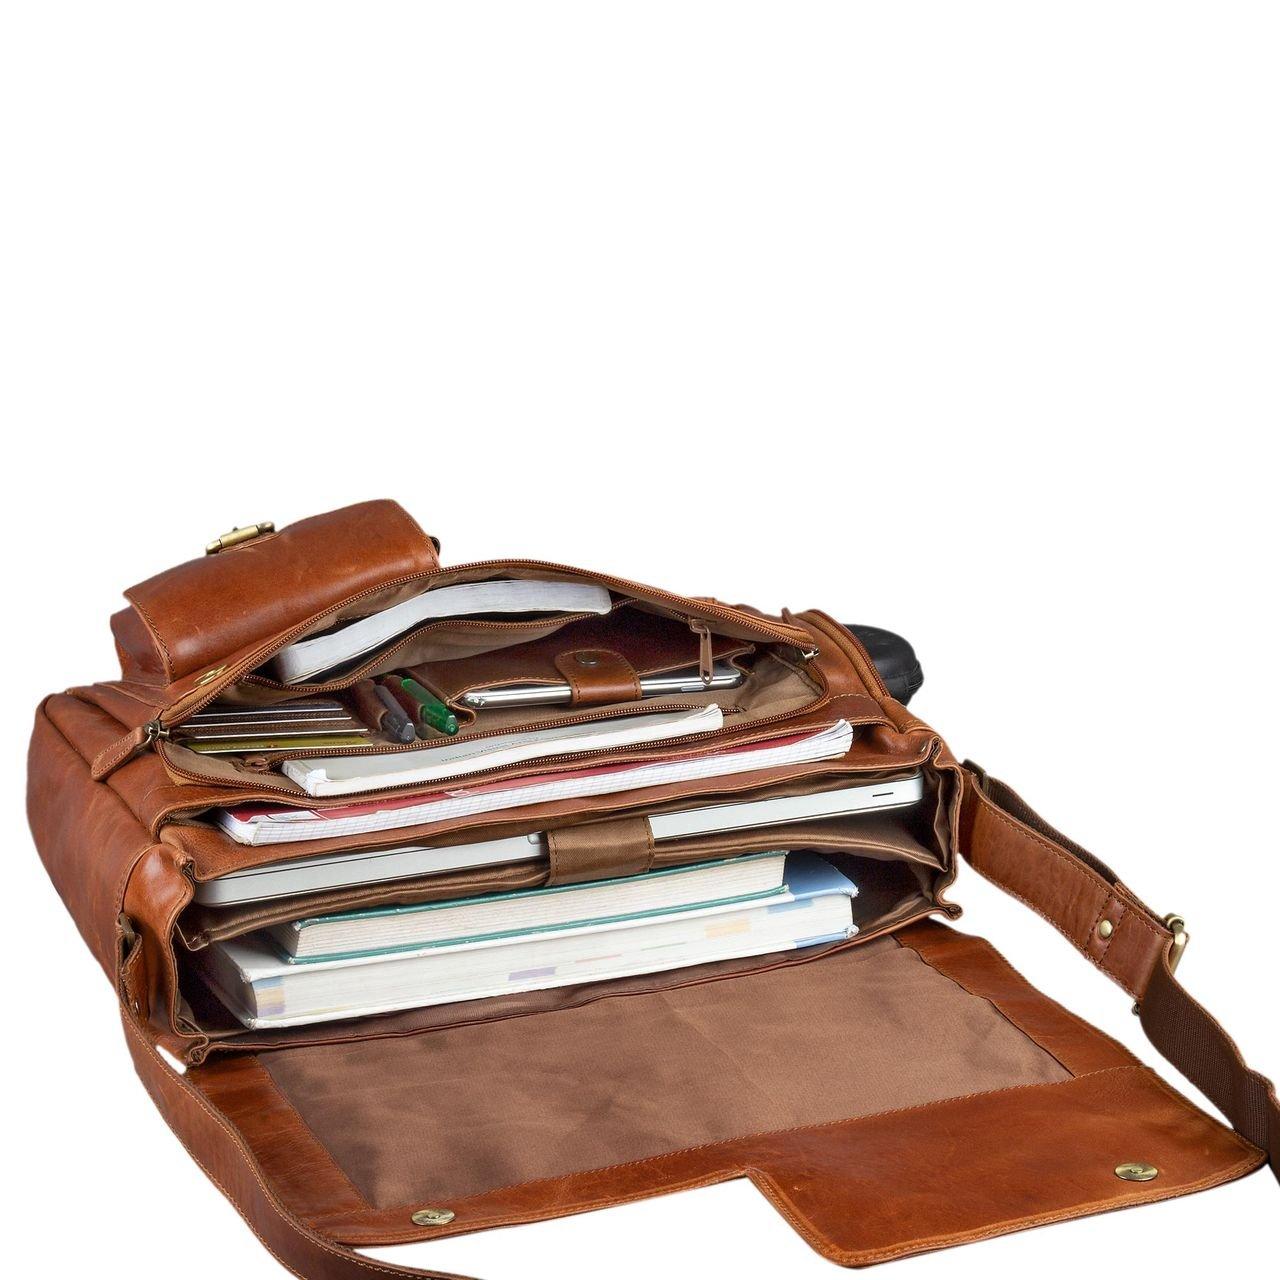 98045b9691416 STILORD  Mika  Ledertasche Vintage braun Herren Damen für Uni Büro Arbeit  große Umhängetasche Aktentasche größeres Bild